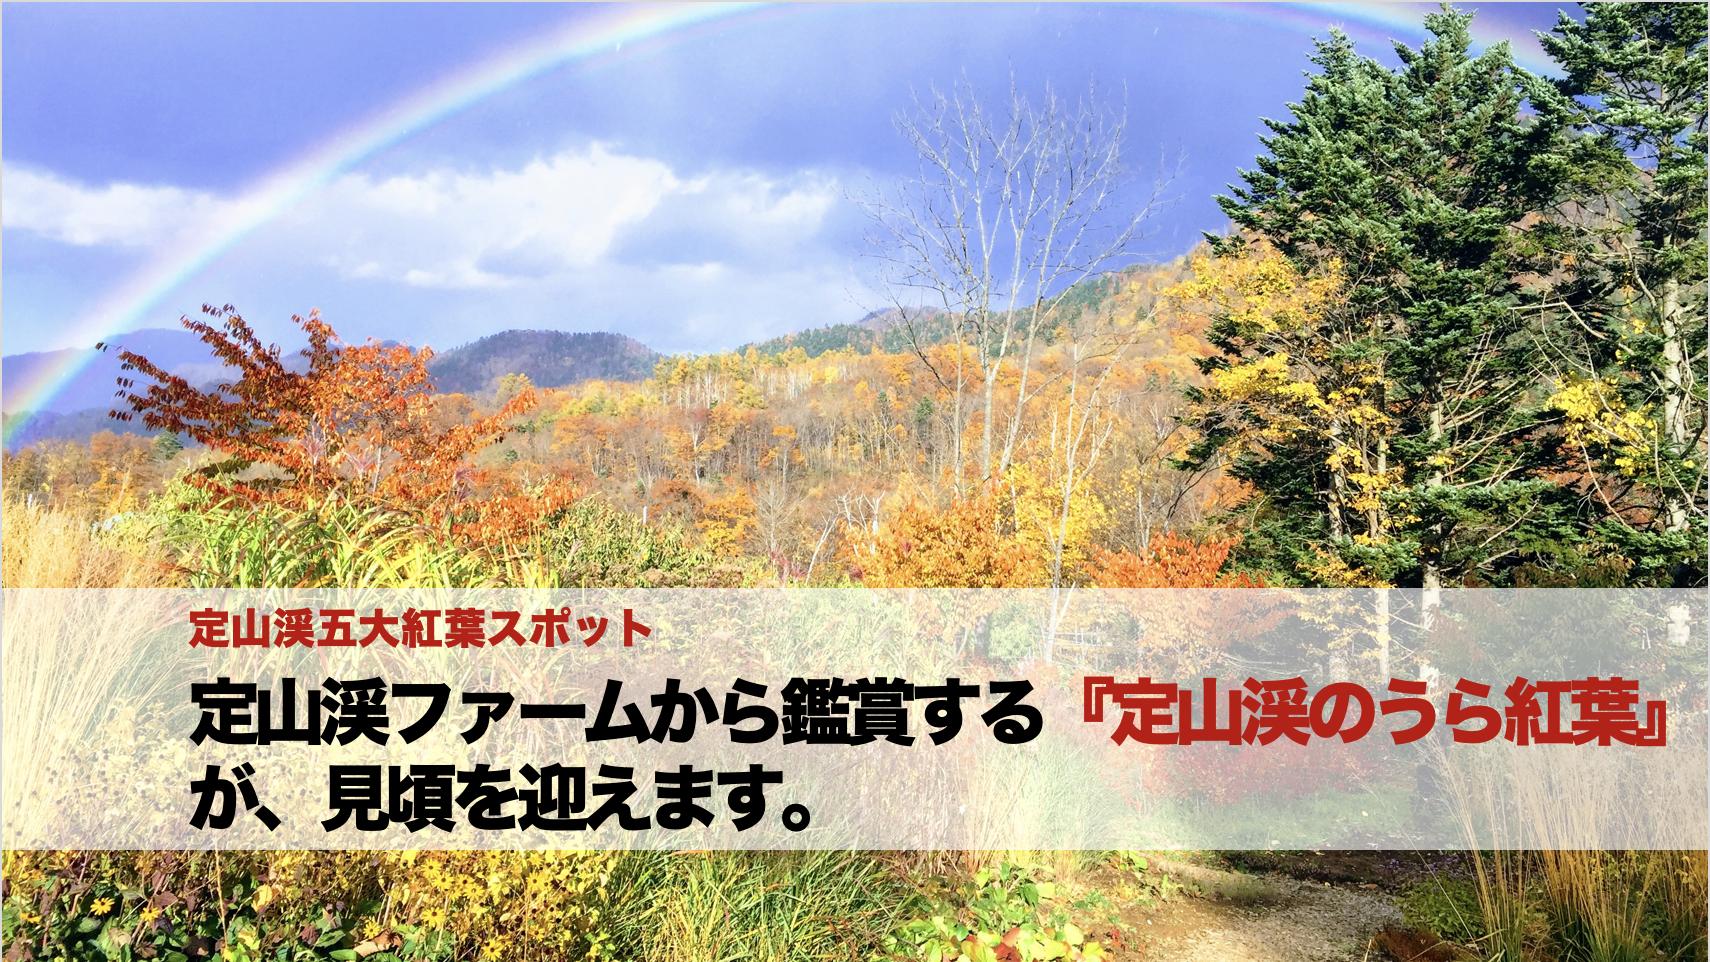 定山渓5大紅葉指定スポット定山渓ファームの『うら紅葉』がもうすぐ!(無料巡回送迎あります!)